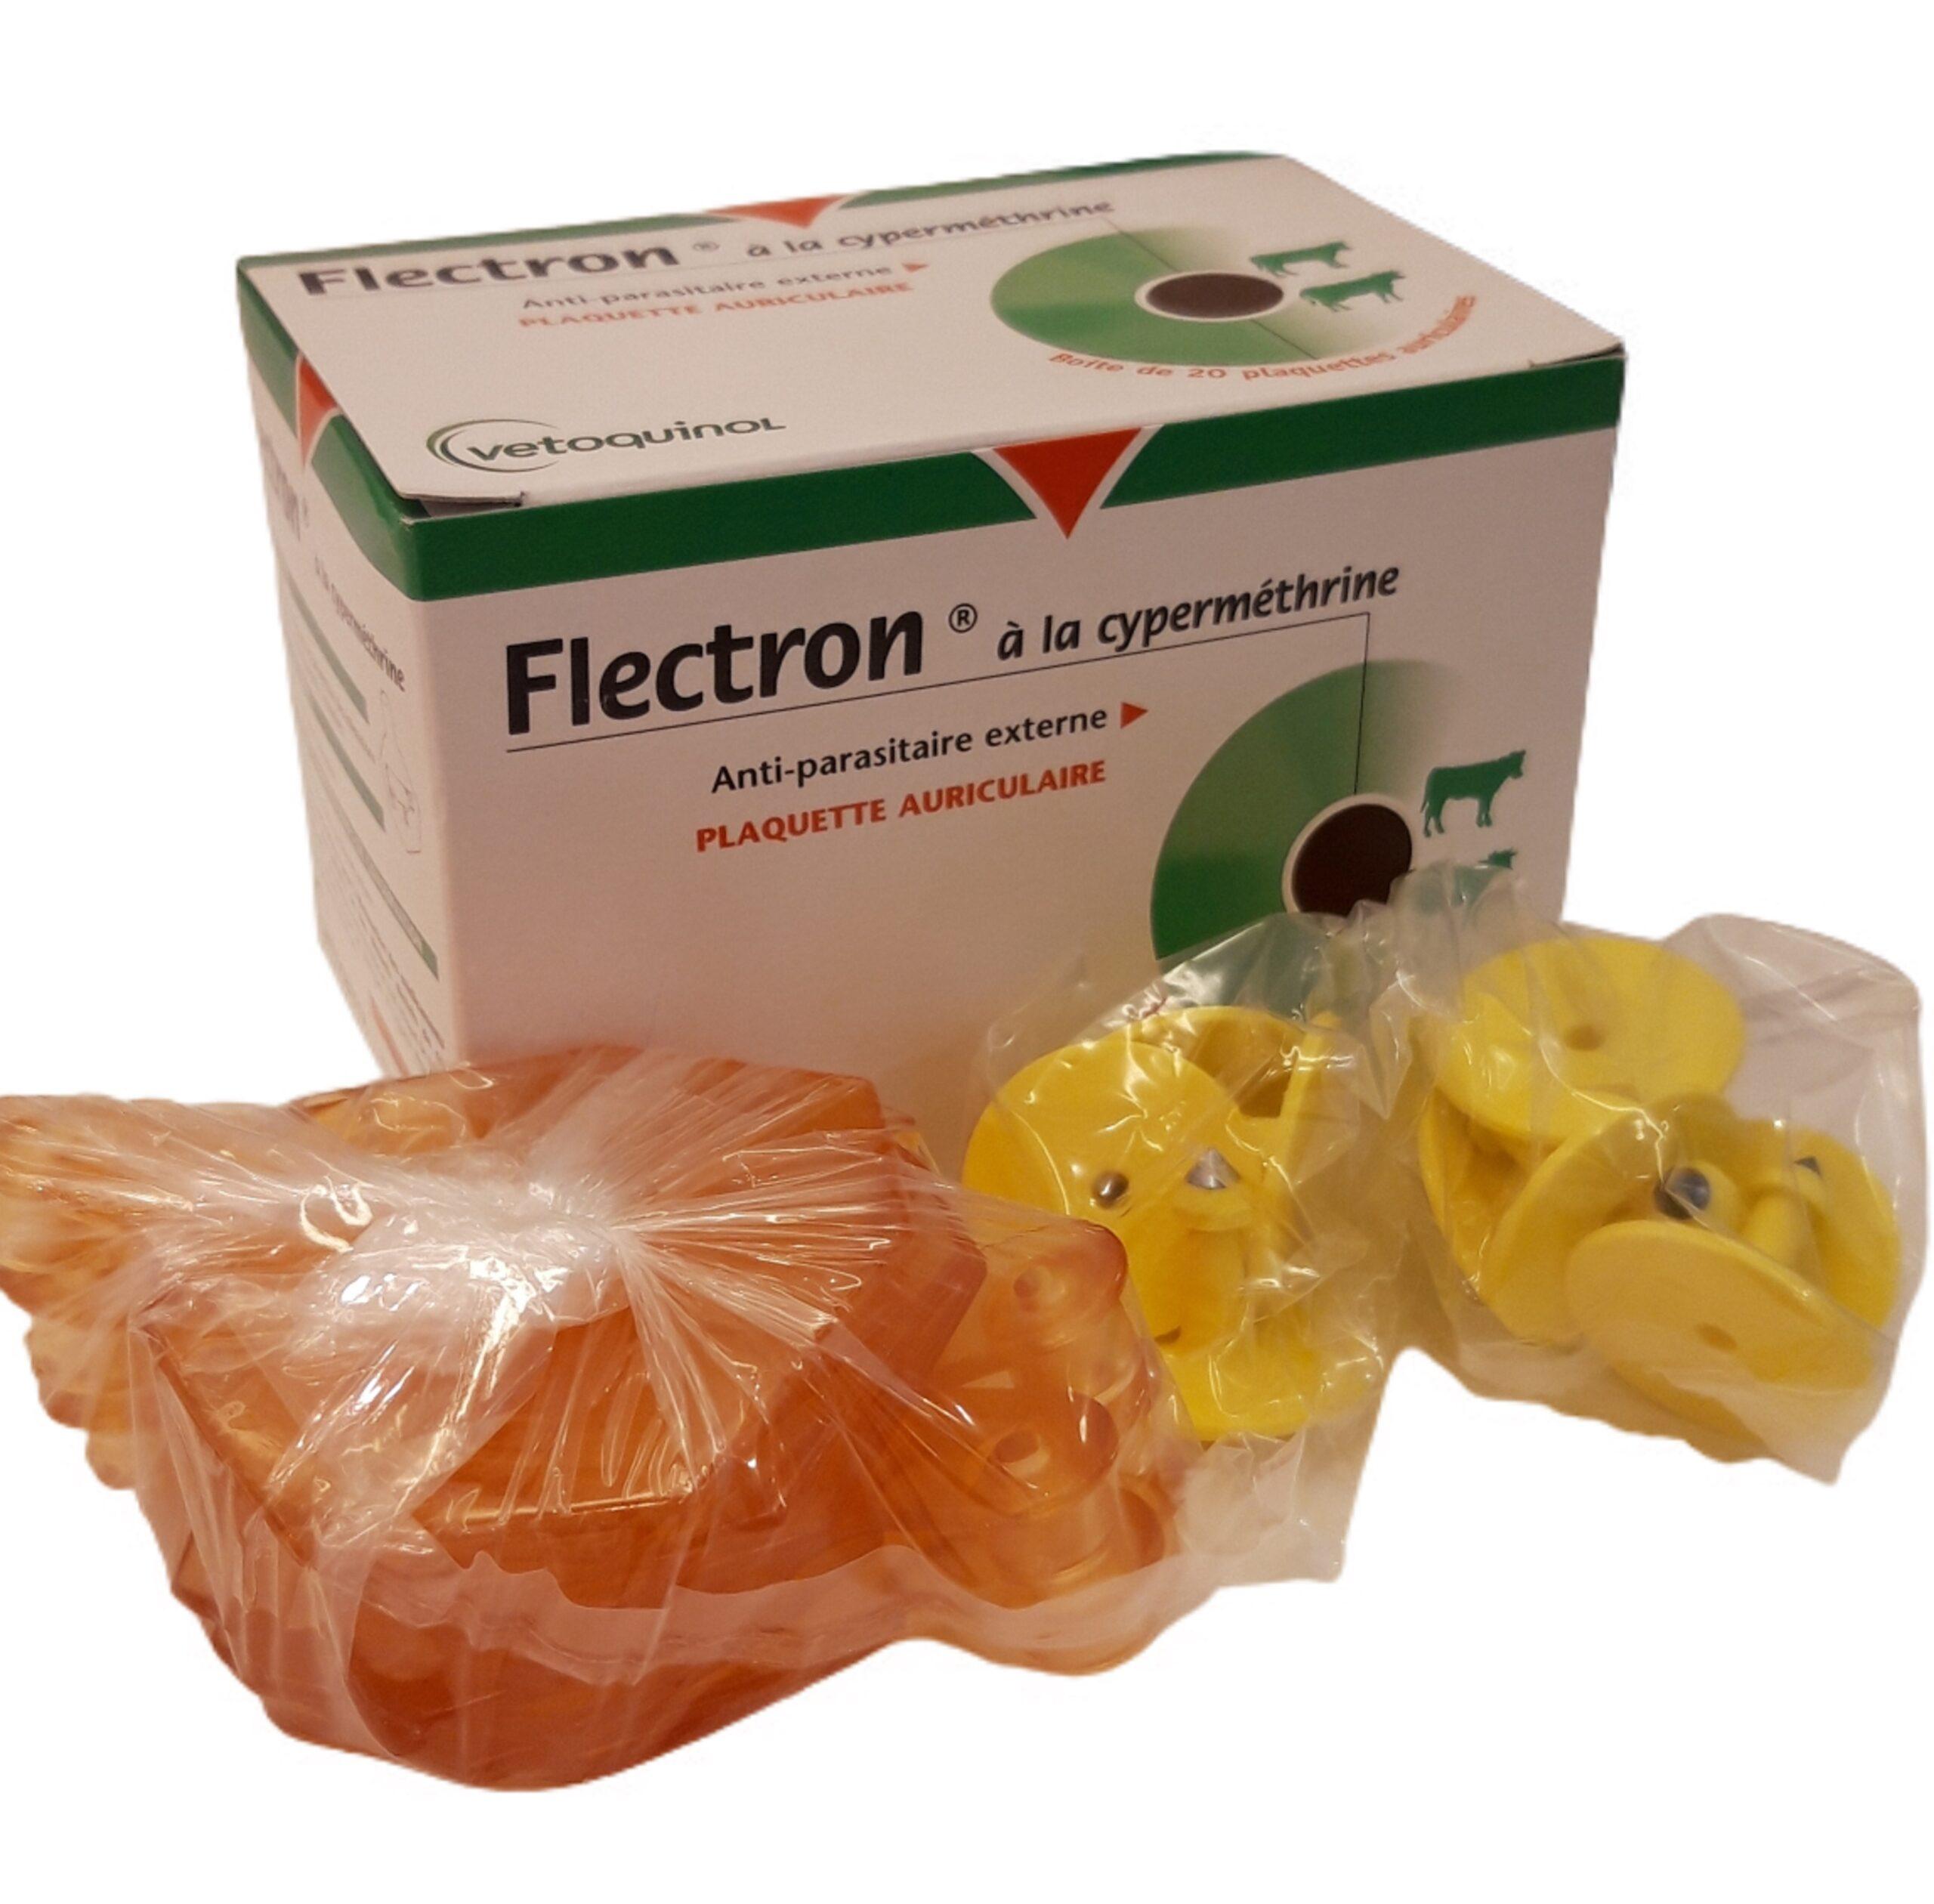 FLECTRON a la cyperméthrine